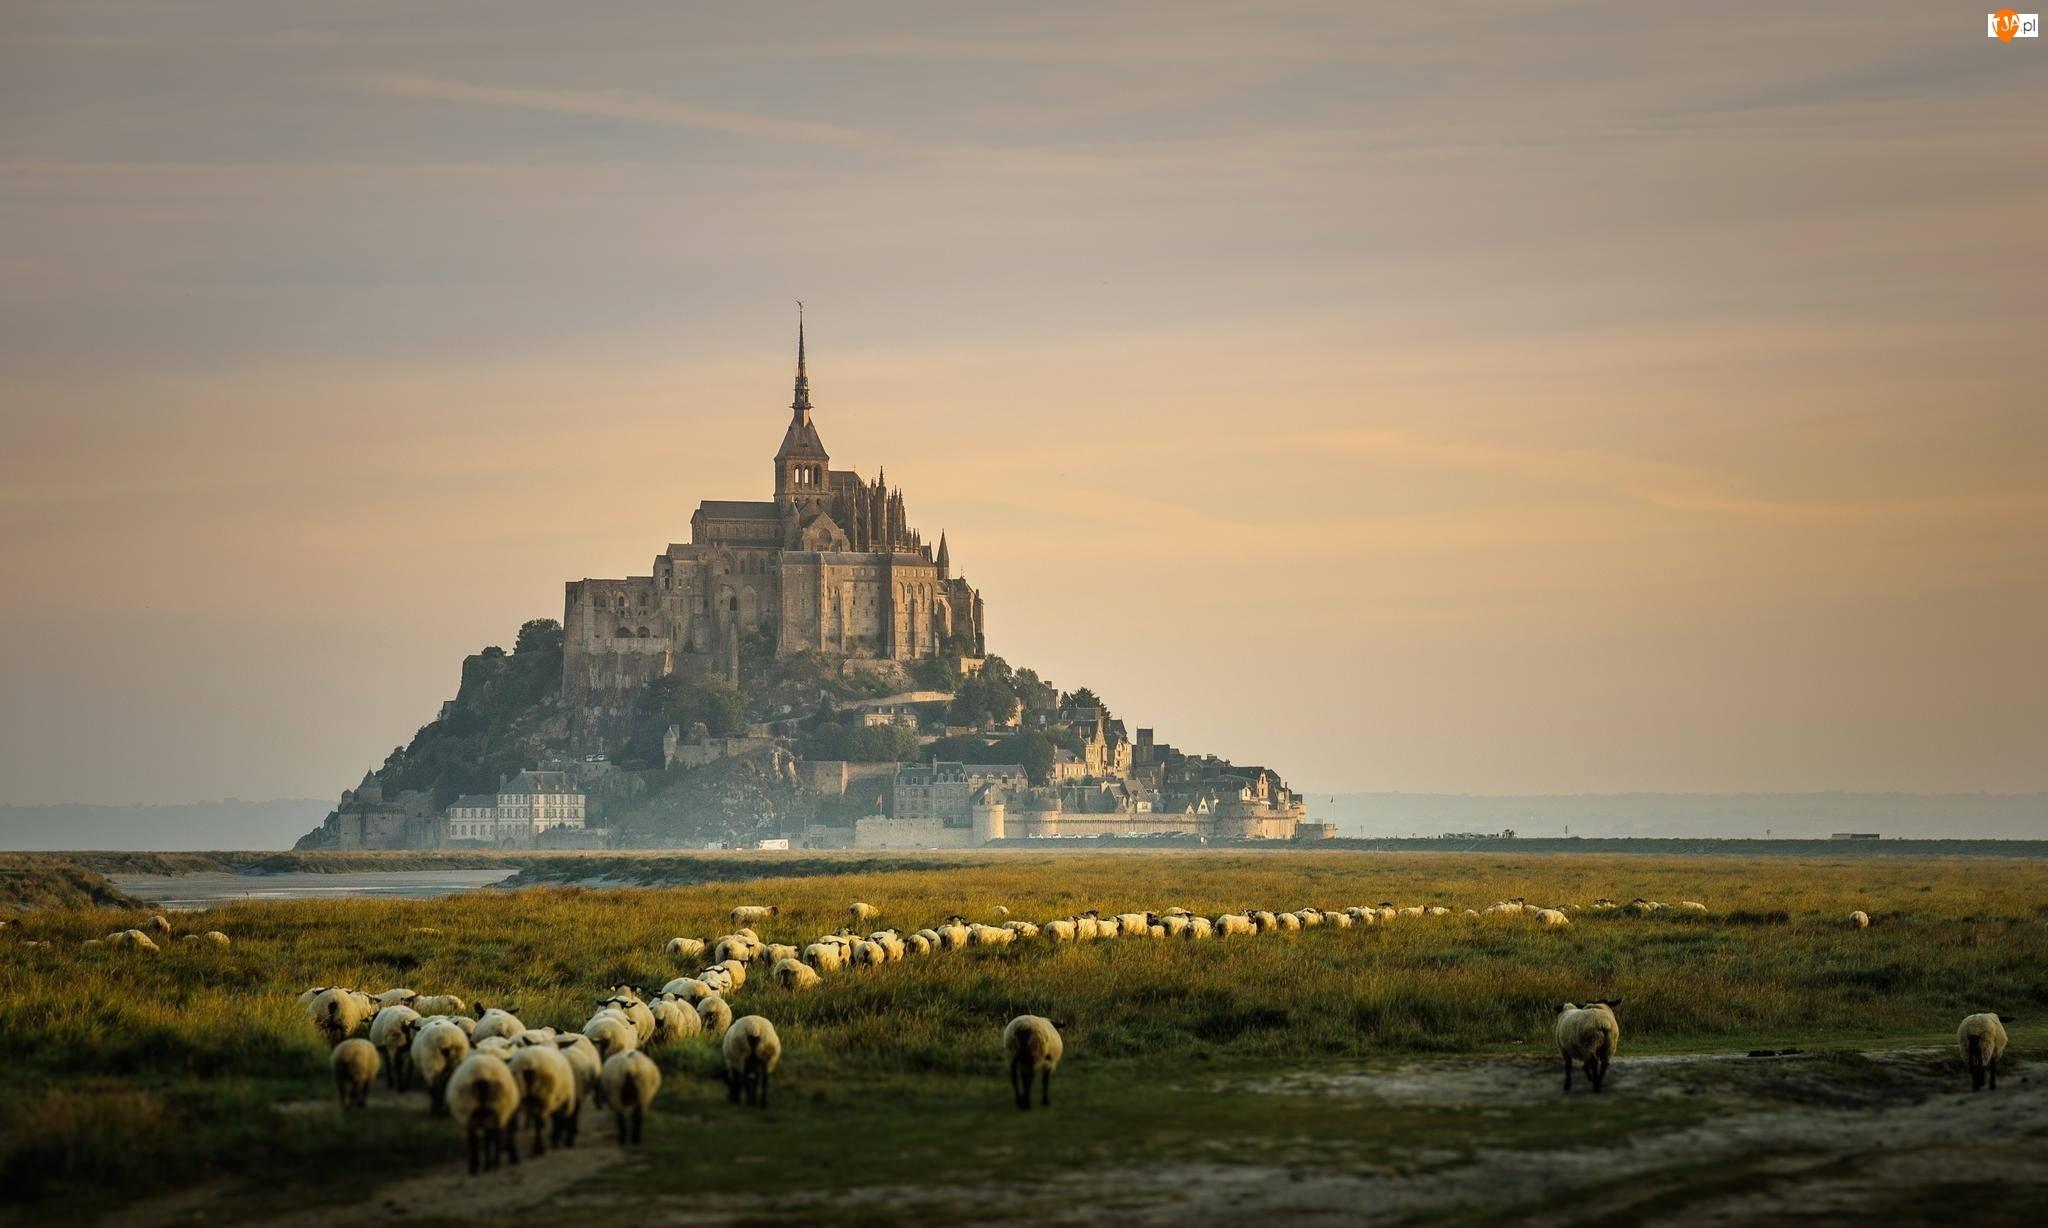 Wzgórze, Archanioła, Sanktuarium, Normandia, Owce, Michała, Wyspa